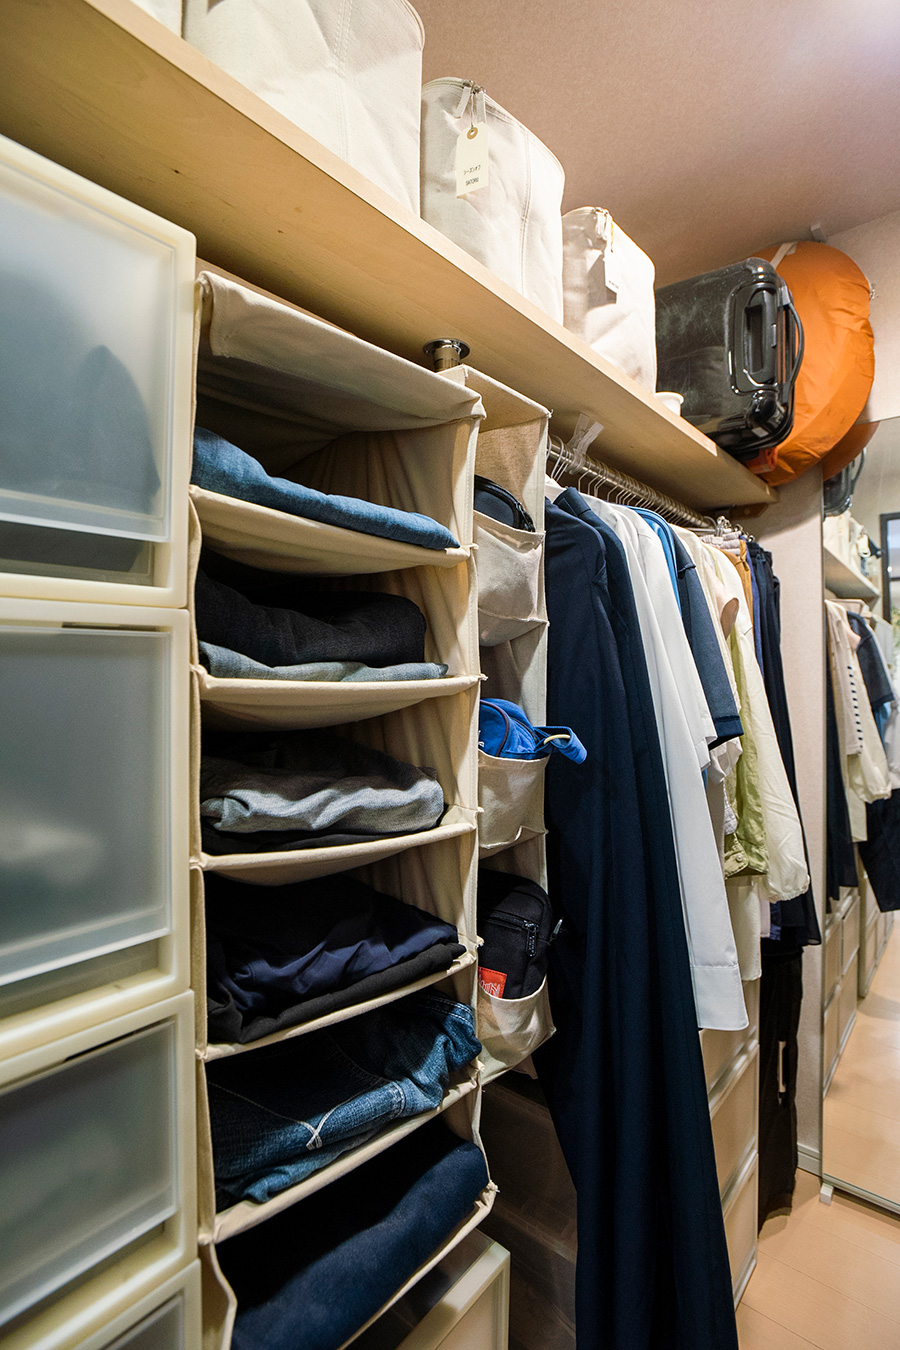 takaさんのオンシーズンの衣類はかけて収納。滑り止め加工されたマワハンガーを愛用している。